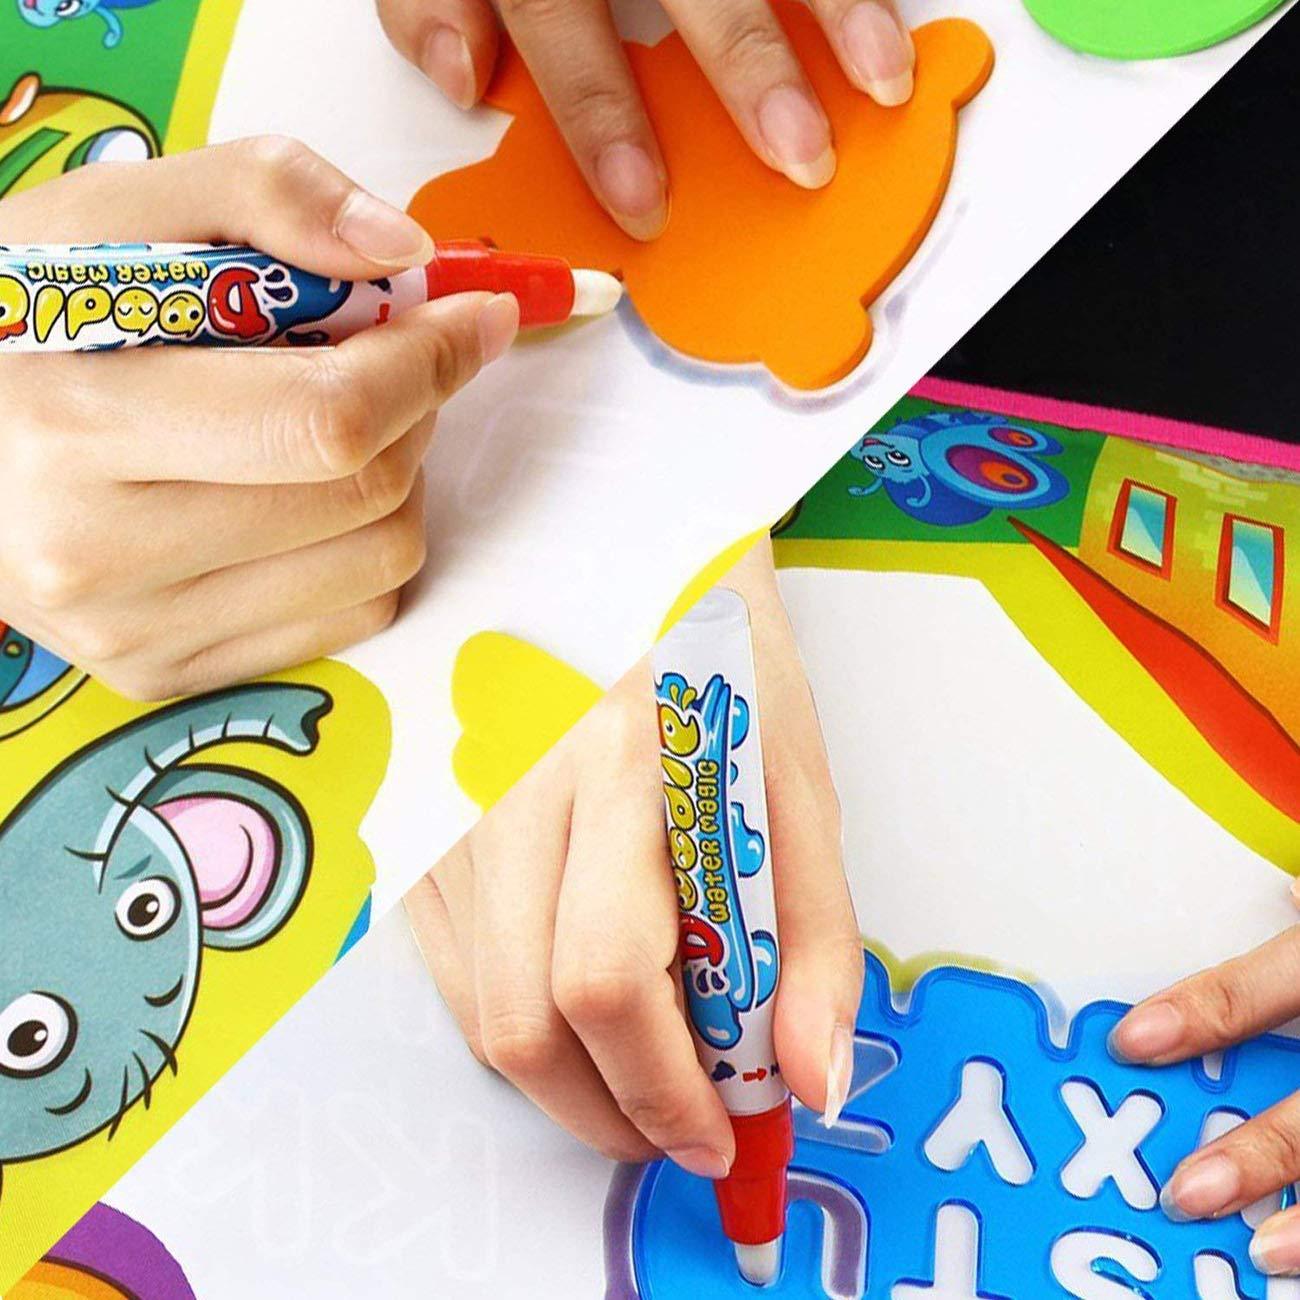 PHYLES Agua Dibujo Pintura, 87*57CM Juegos de Agua, Pizarra Mágica, Pizarra Infantil, Juguetes de Dibujo para niños, Juguete Educativo, Regalo para ...